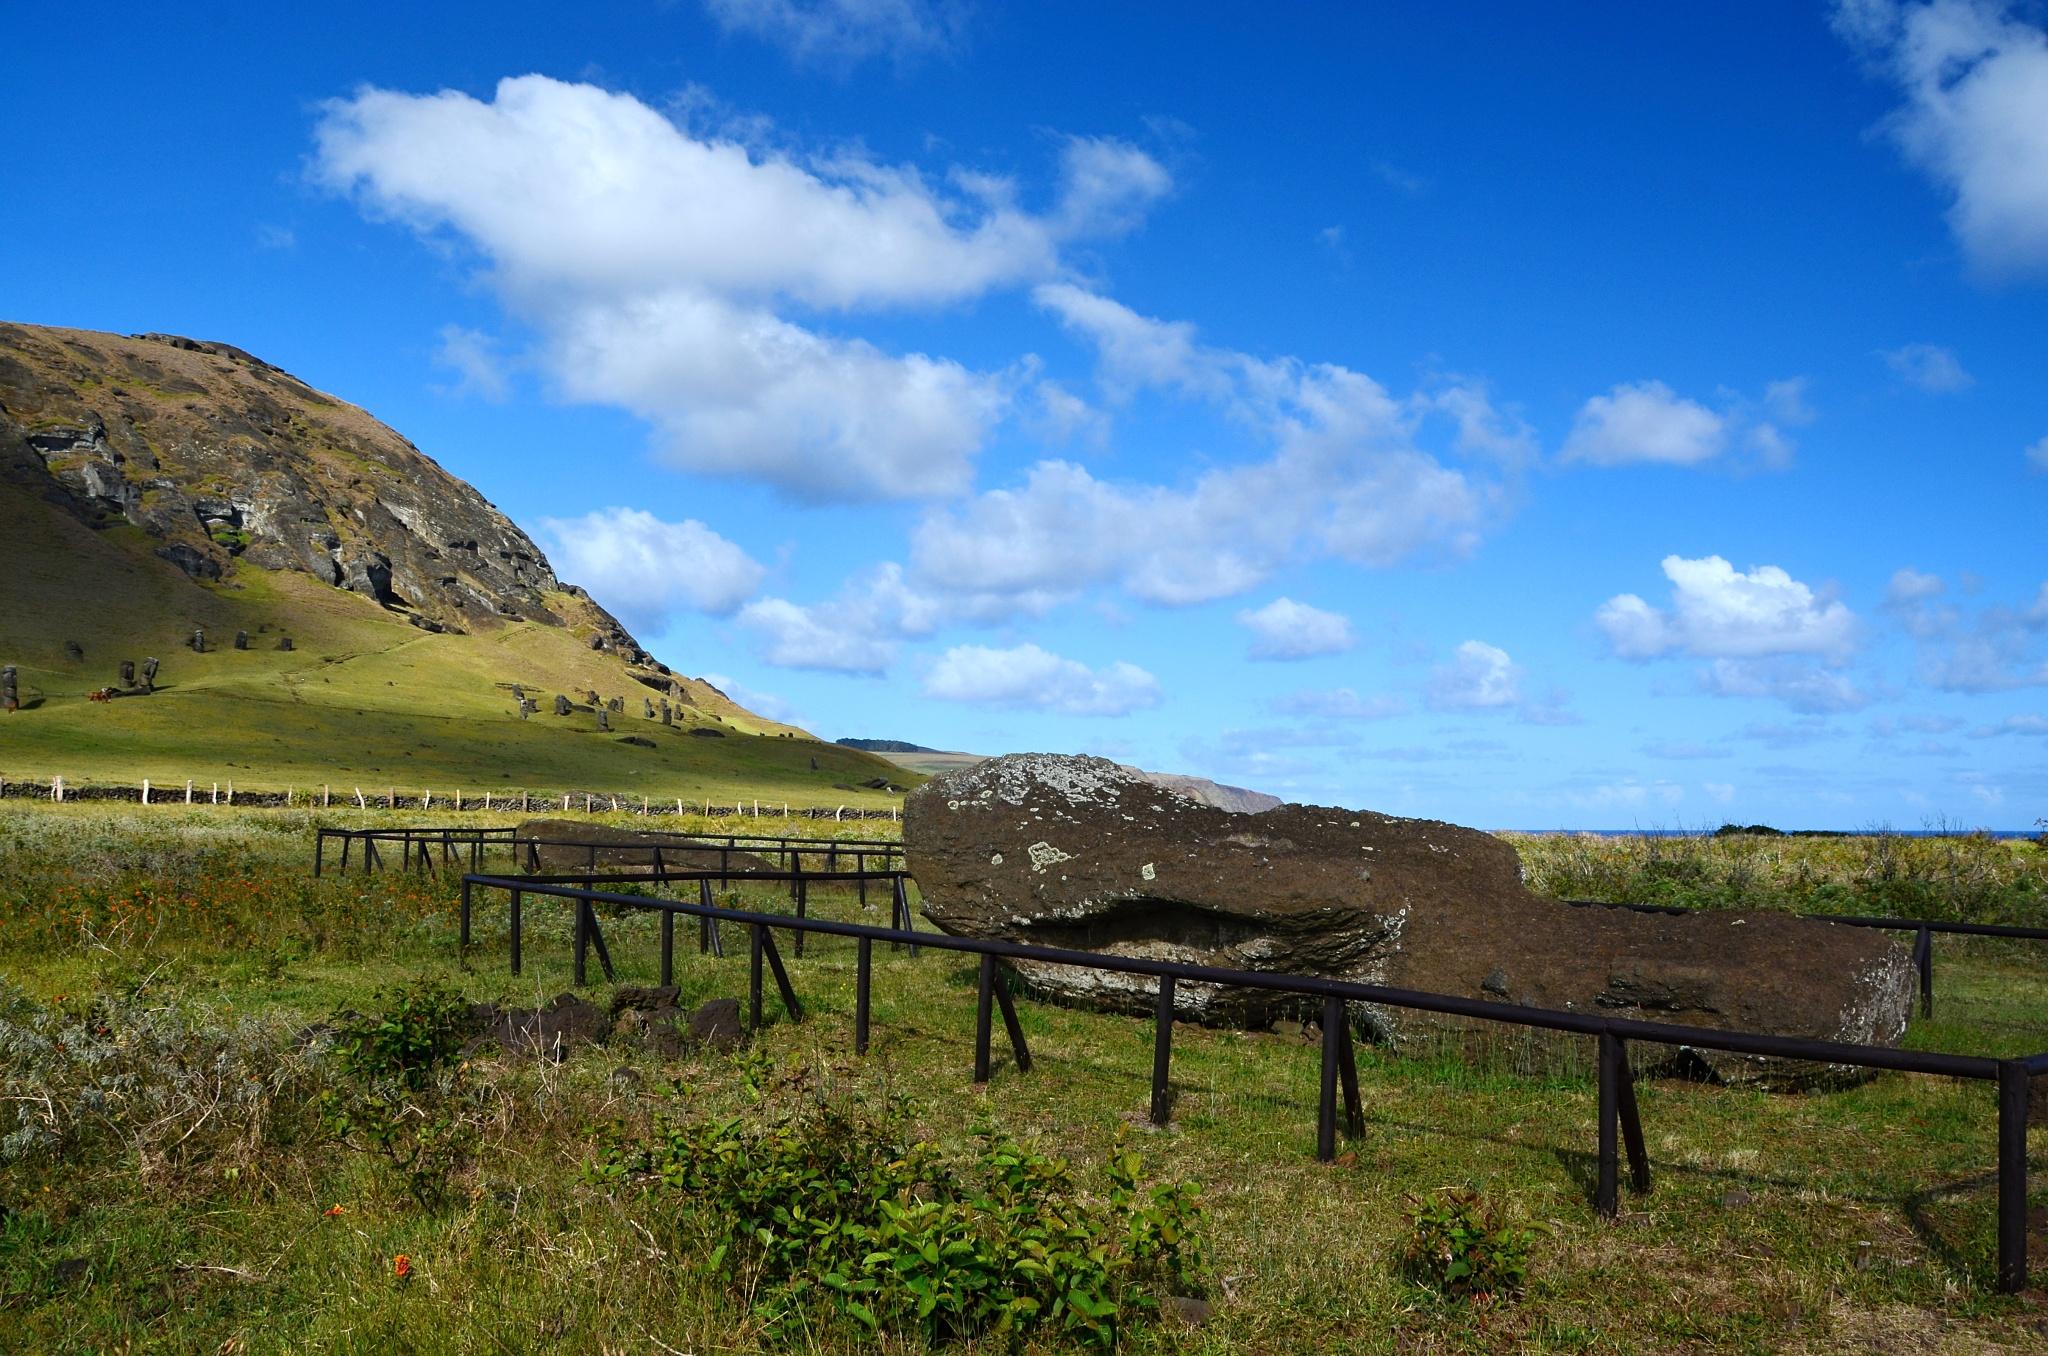 Ležící Moai a za ní vulkán Rano Raraku